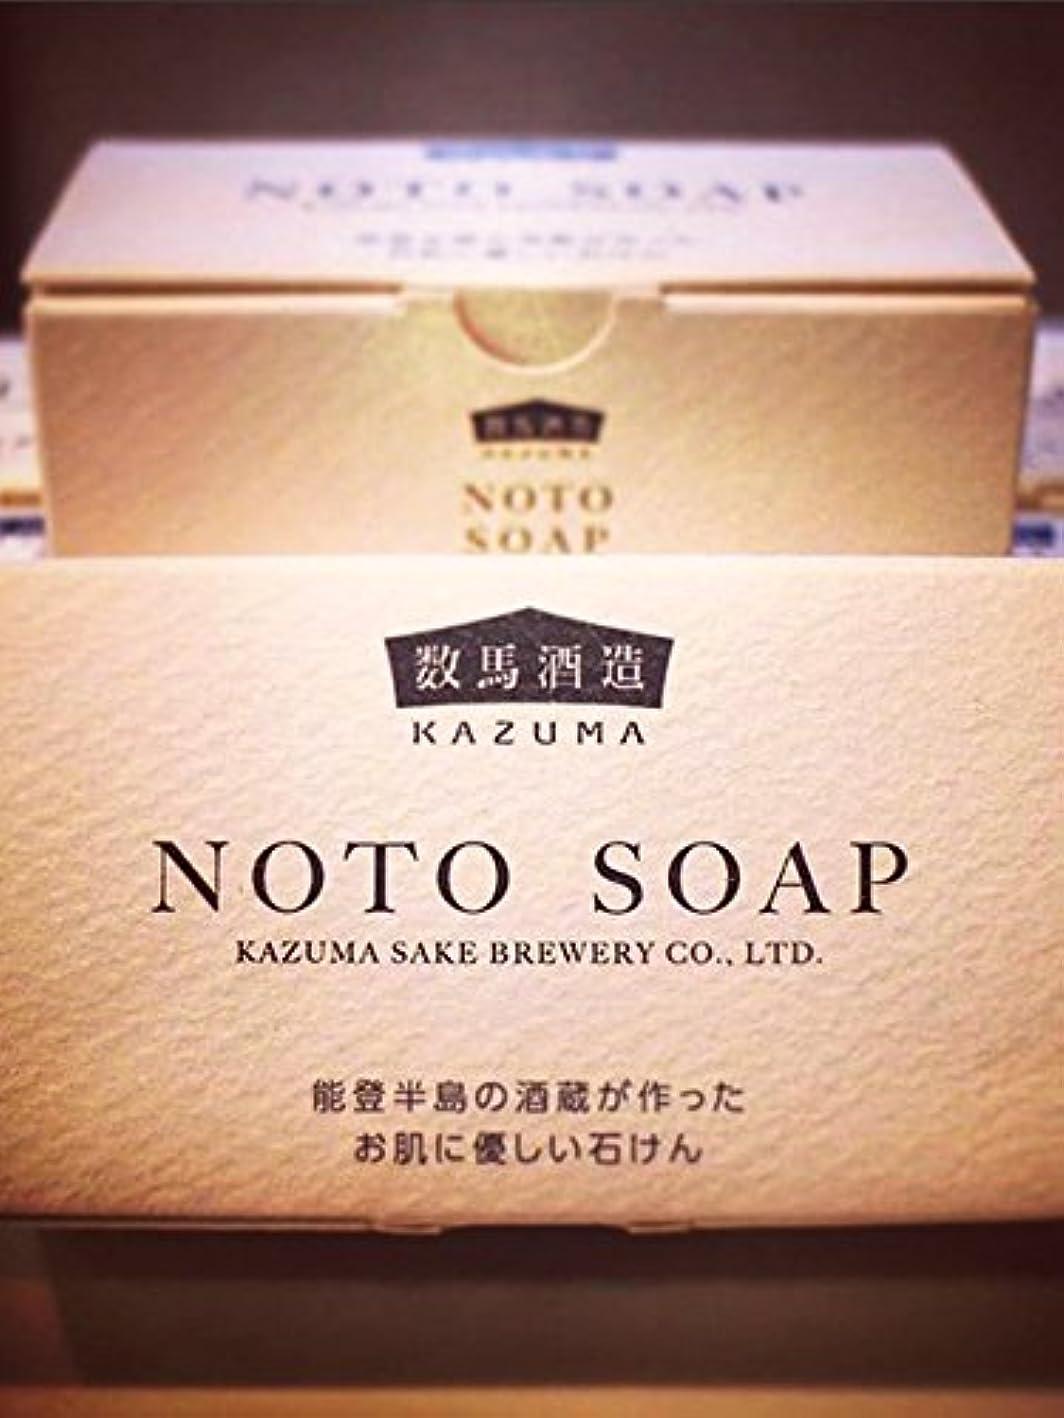 蓄積する一族イブ竹葉 NOTO SOAP 酒粕石鹸 1個80g